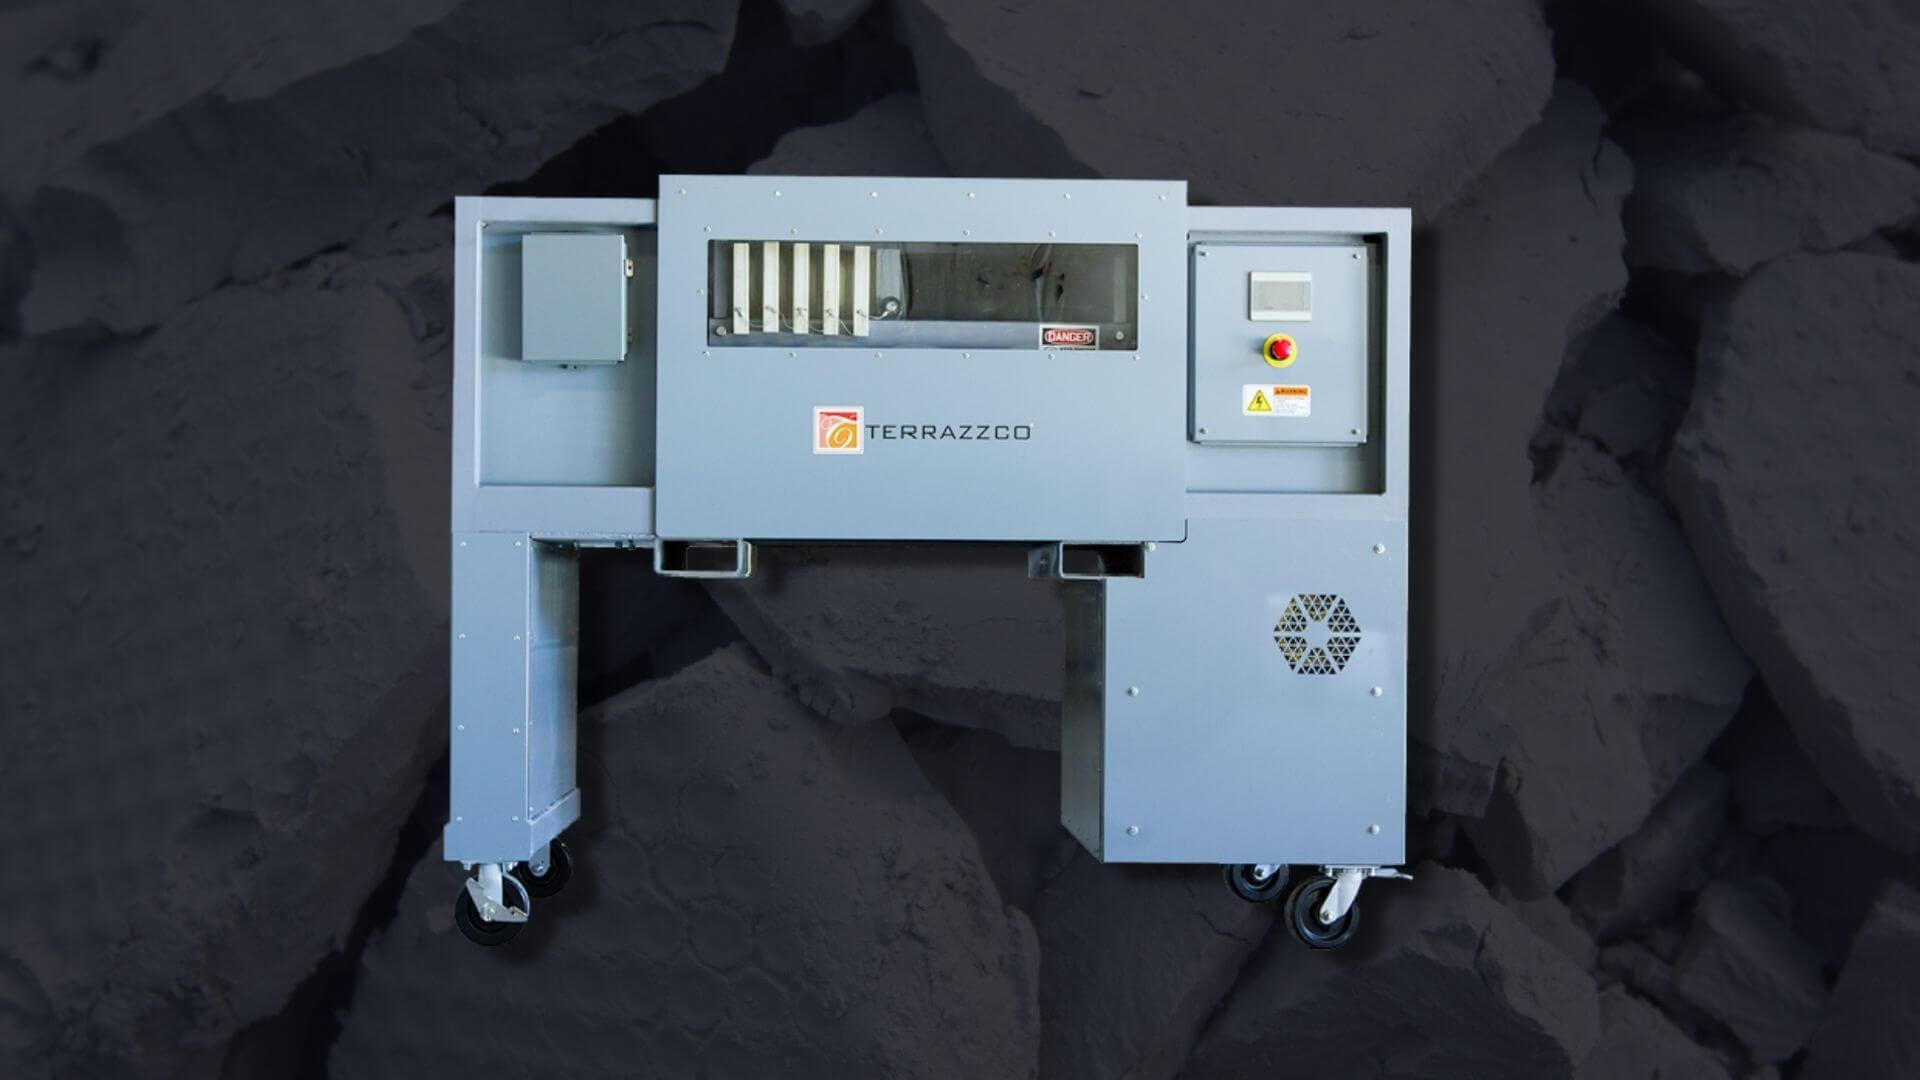 TERRAZZCO Portable Filter Press